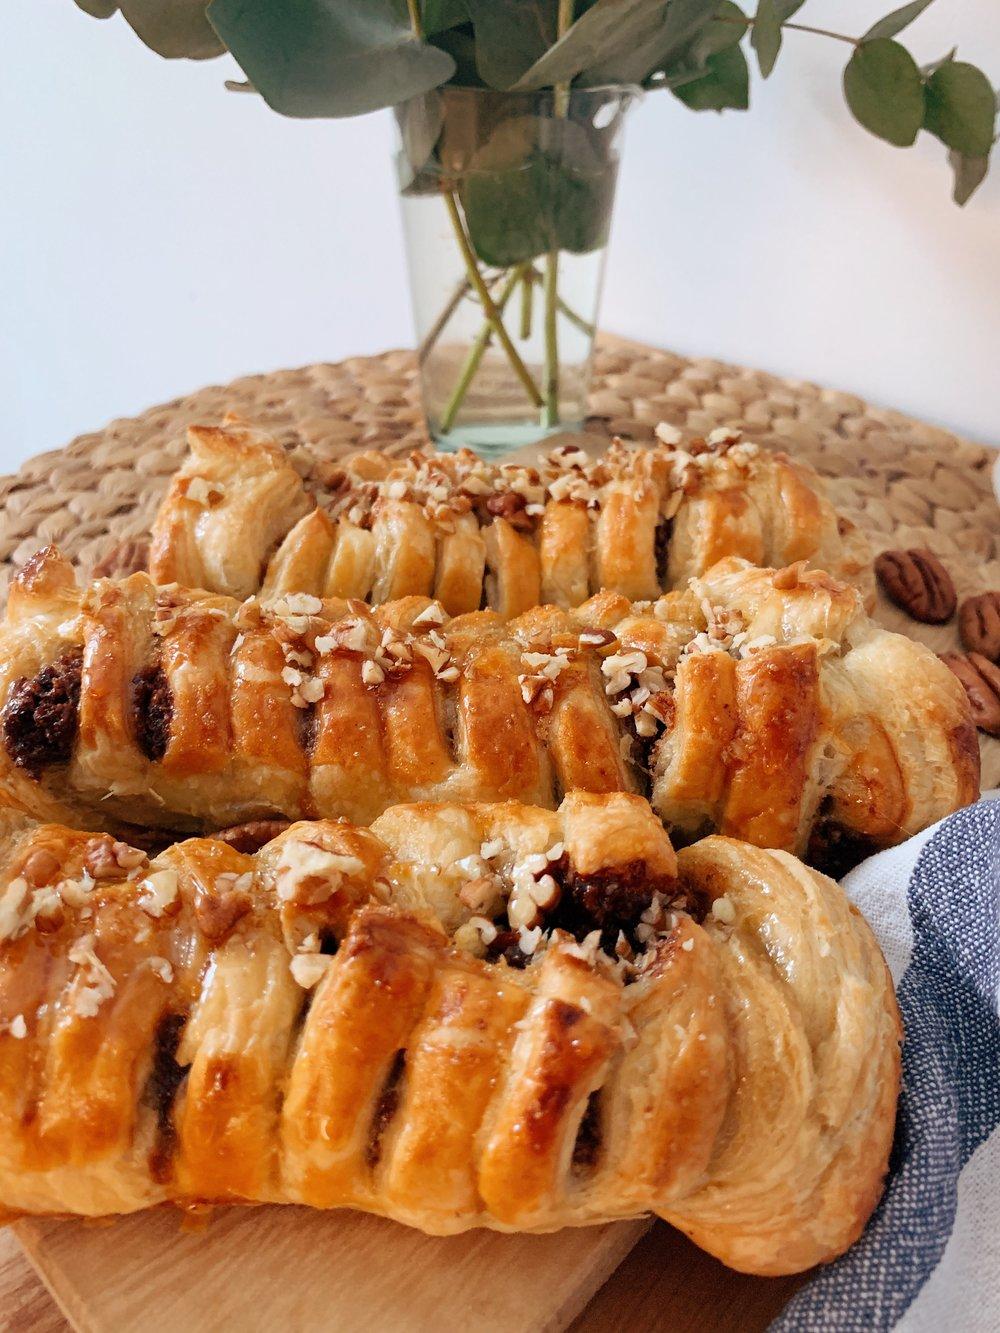 pekanriekstu maizītes - pekanriekstu maizītes ierasts uzkost degvielas uzpildes stacijās, nopirkt avīžu kioskos vai lielveikalos, bet, manuprāt, ir īstais laiks, lai tās beidzot pagatavotu mājās, ne?